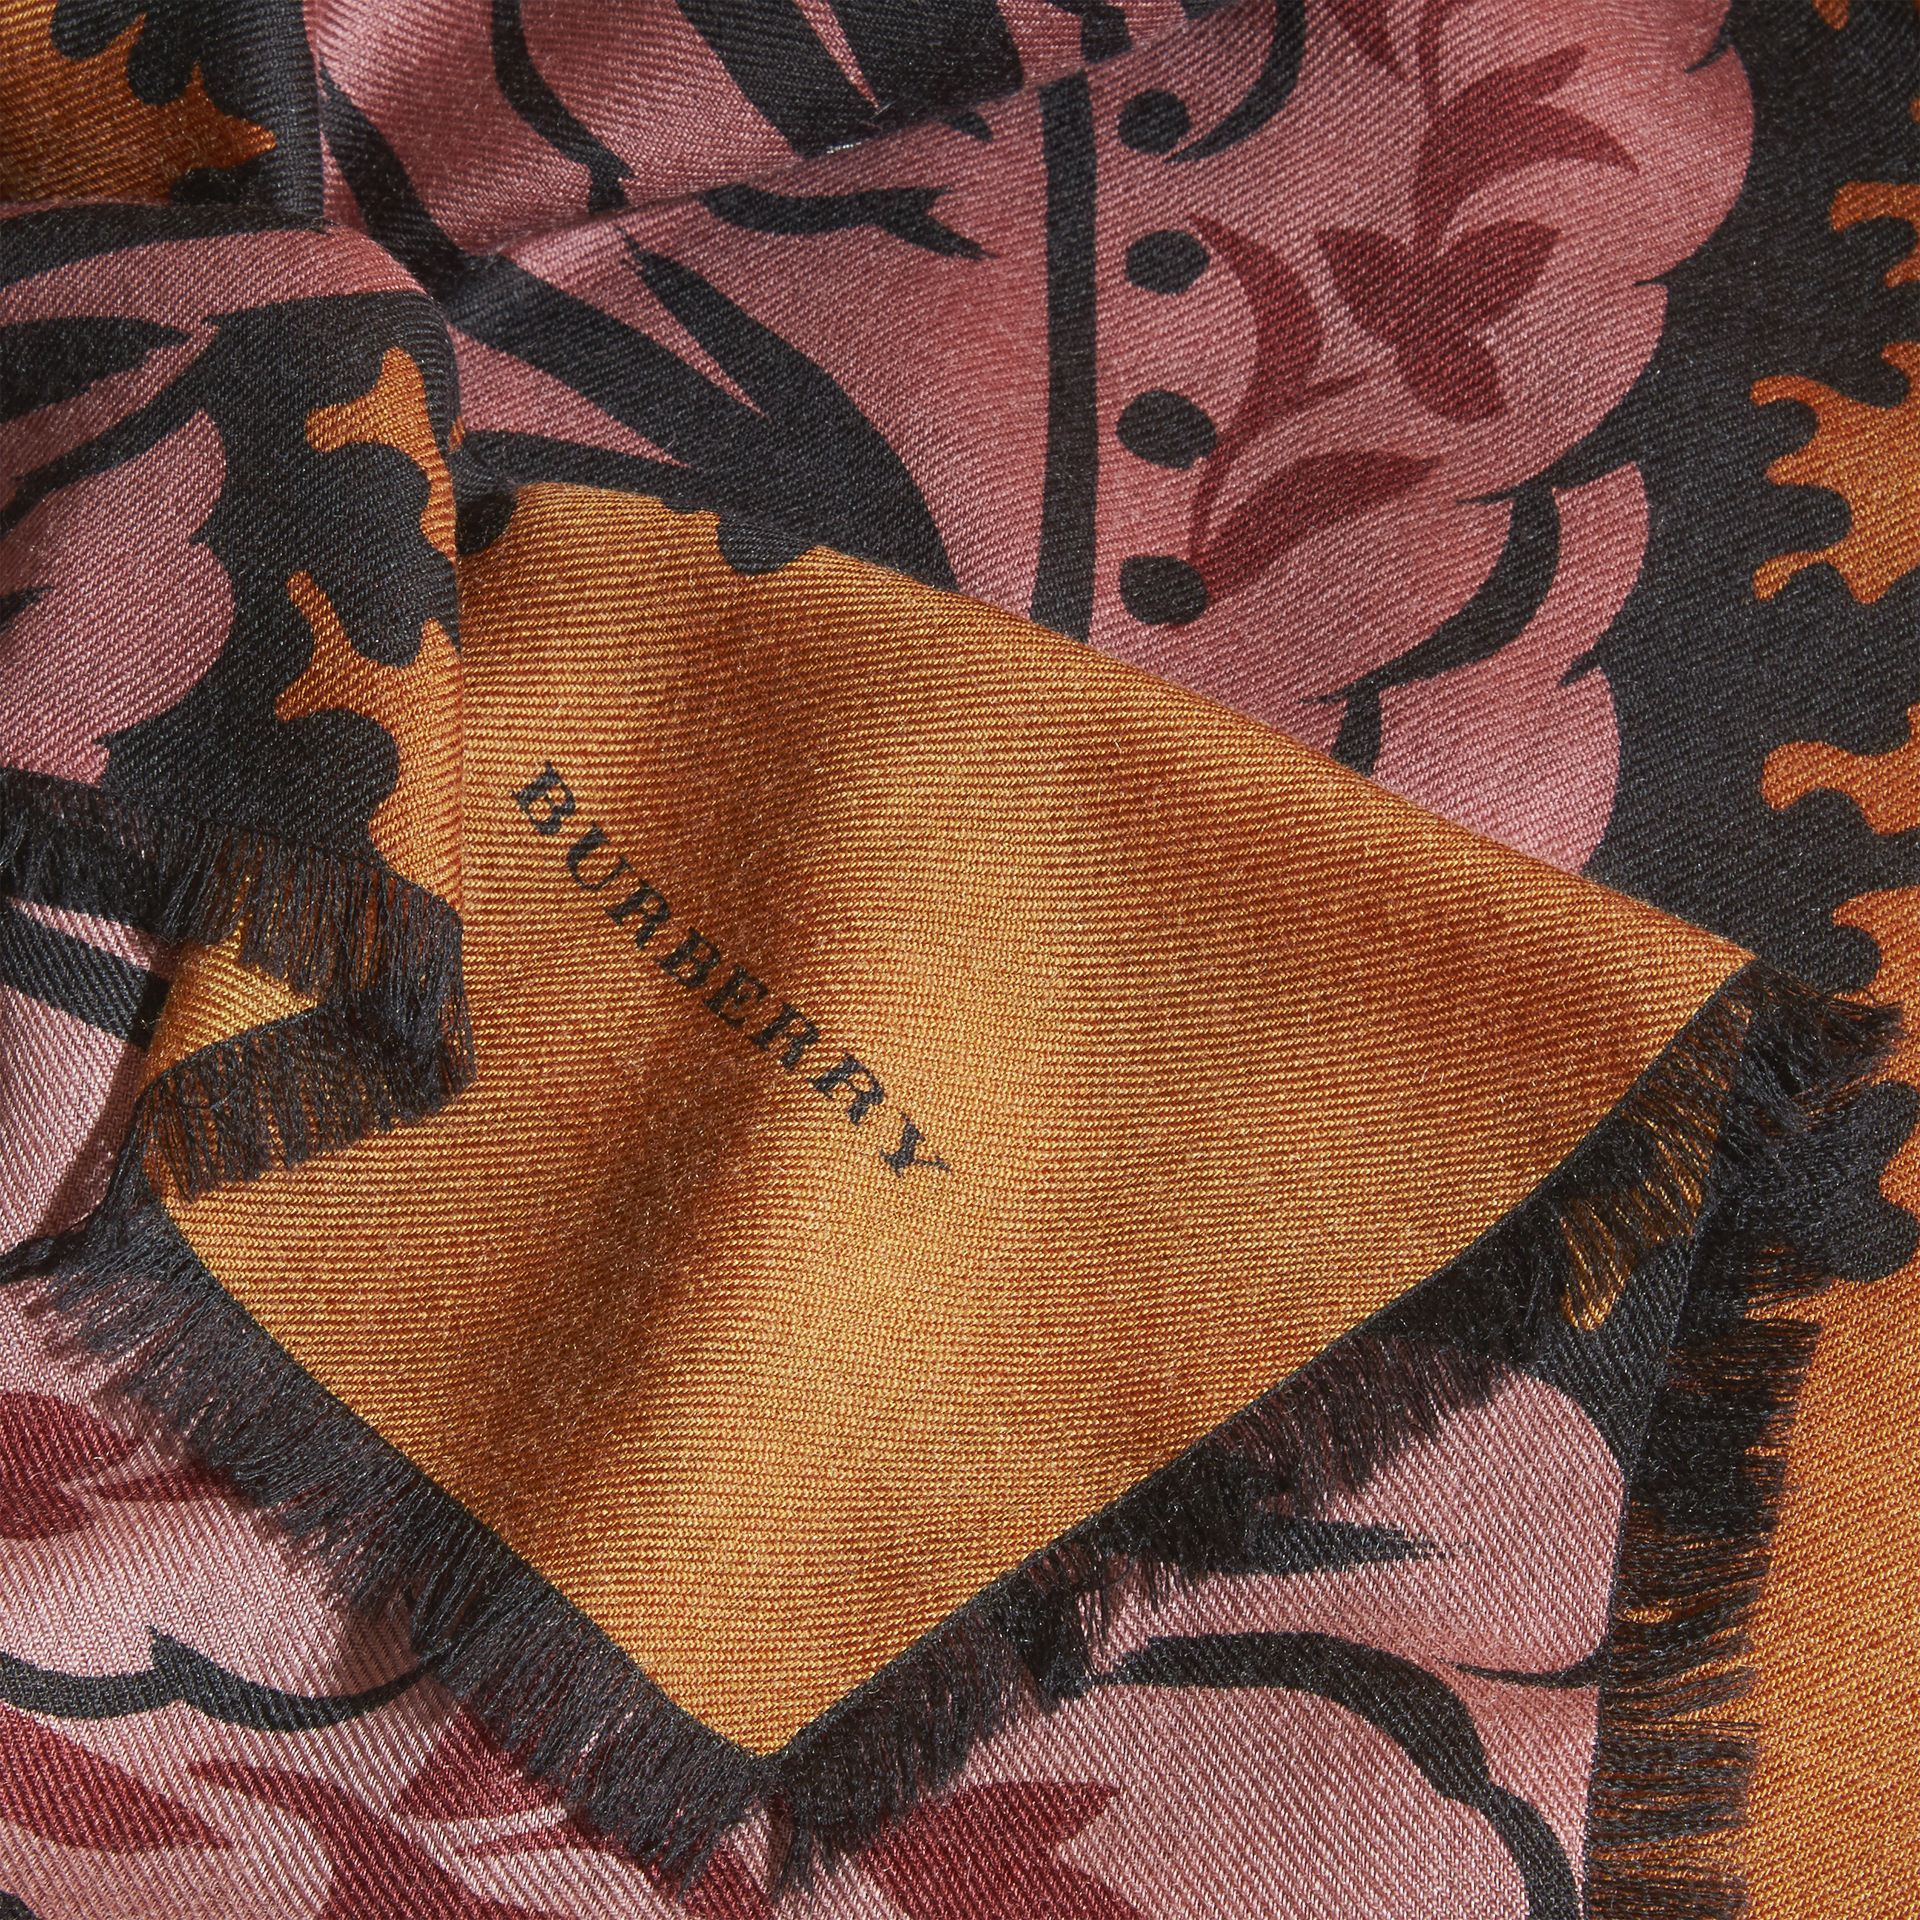 Toffee vif Foulard en cachemire à imprimé feuillage Toffee Vif - photo de la galerie 2